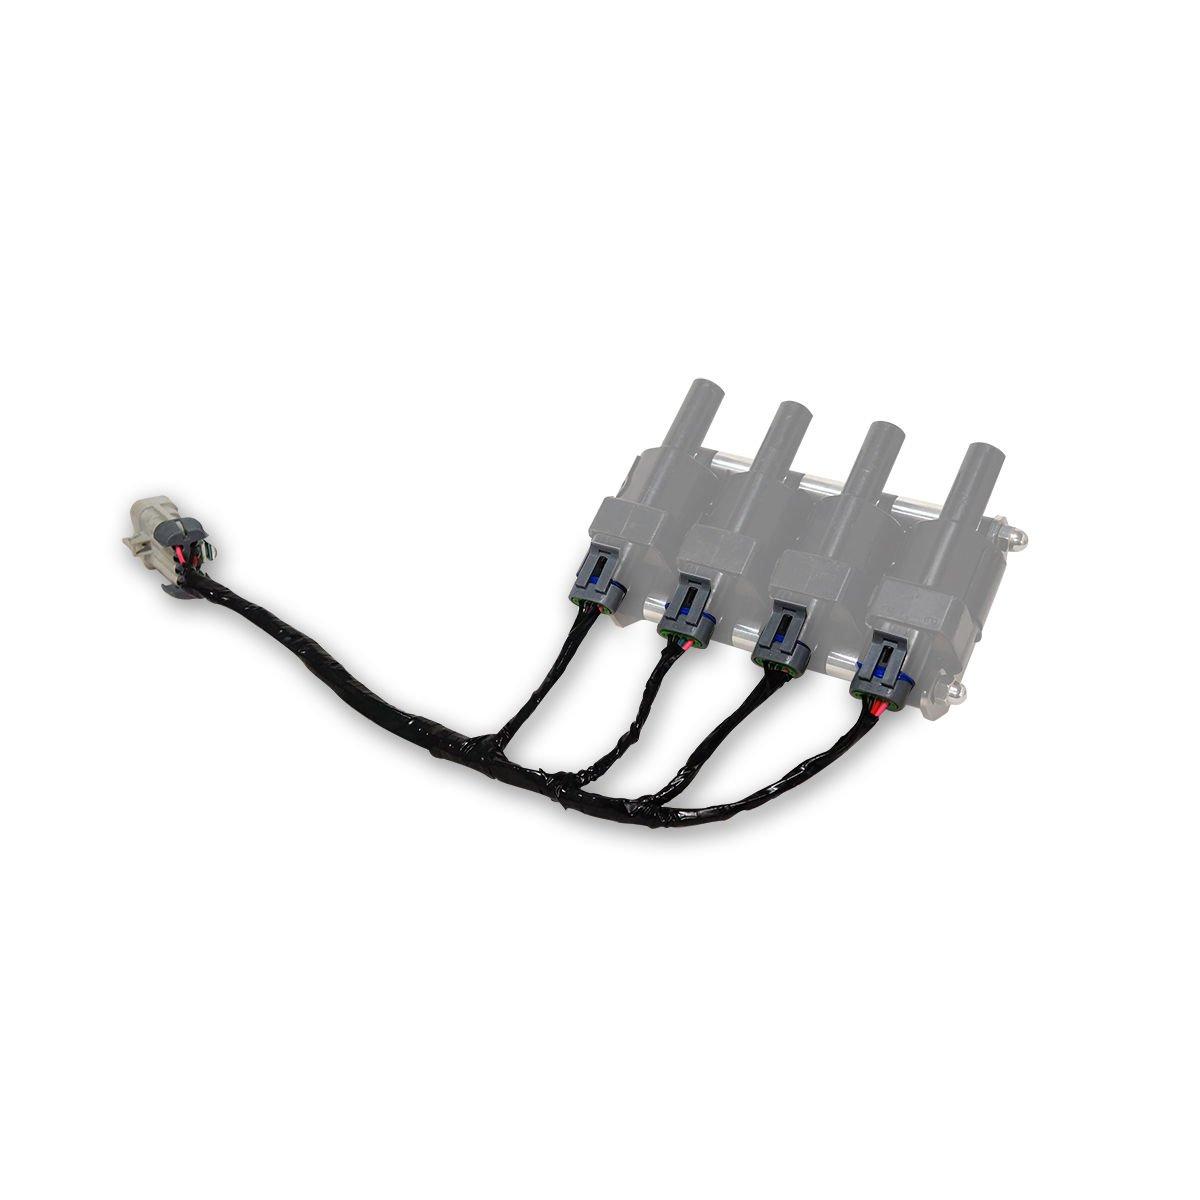 Cbm Ls1 Ls6 Coil Relocation Wiring Jumper Harness Simple Ignition Diagram Motorsportstm Ls2 Ls3 Ls7 Ls9